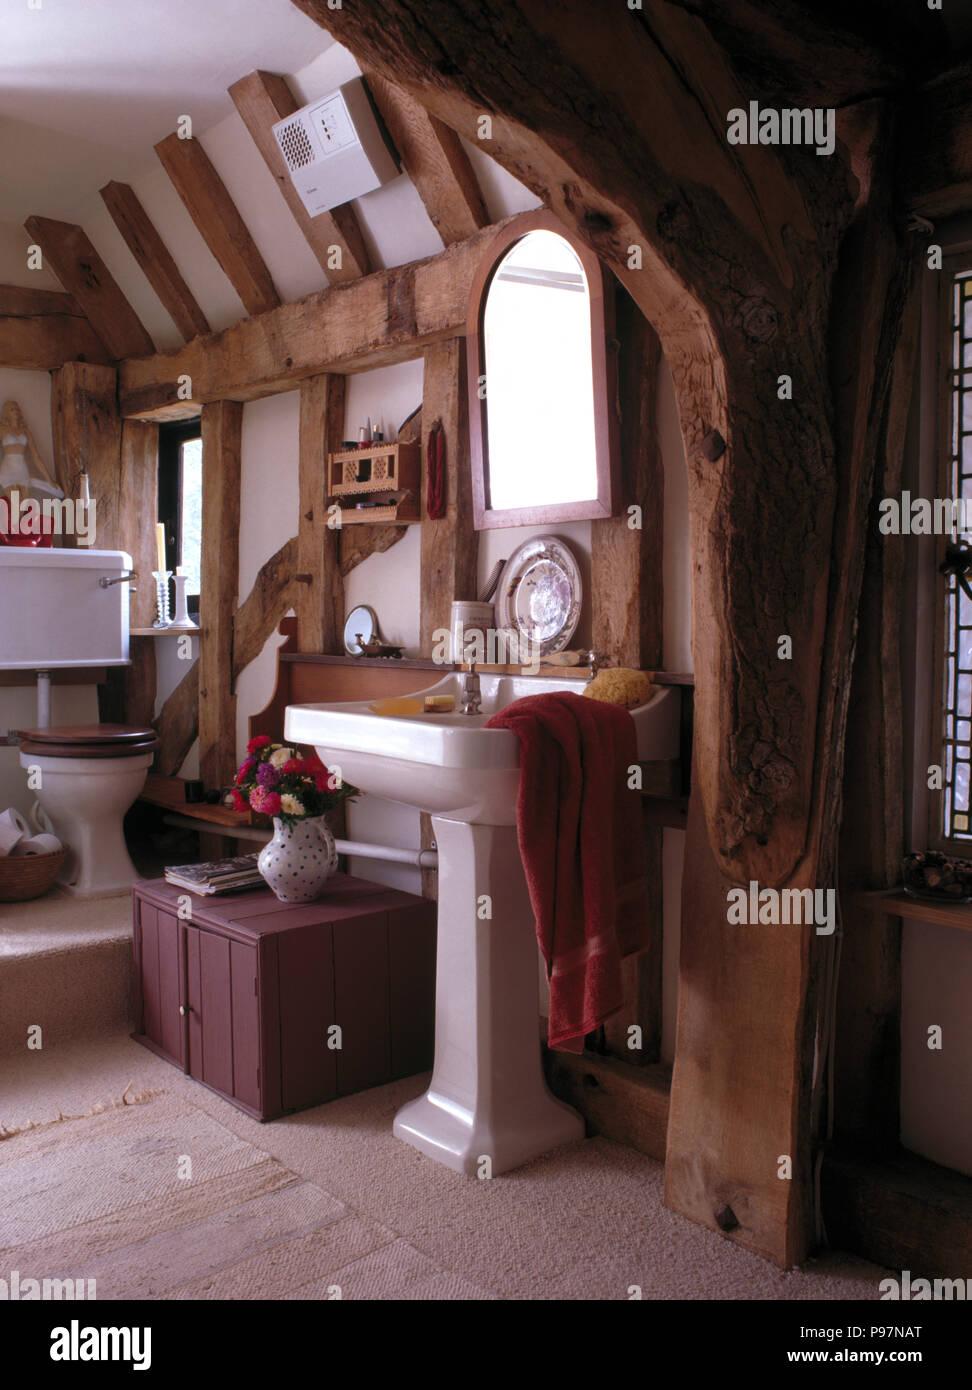 Attrayant Sockel Becken In Den 90er Jahren Badezimmer Mit Großen Holzbalken